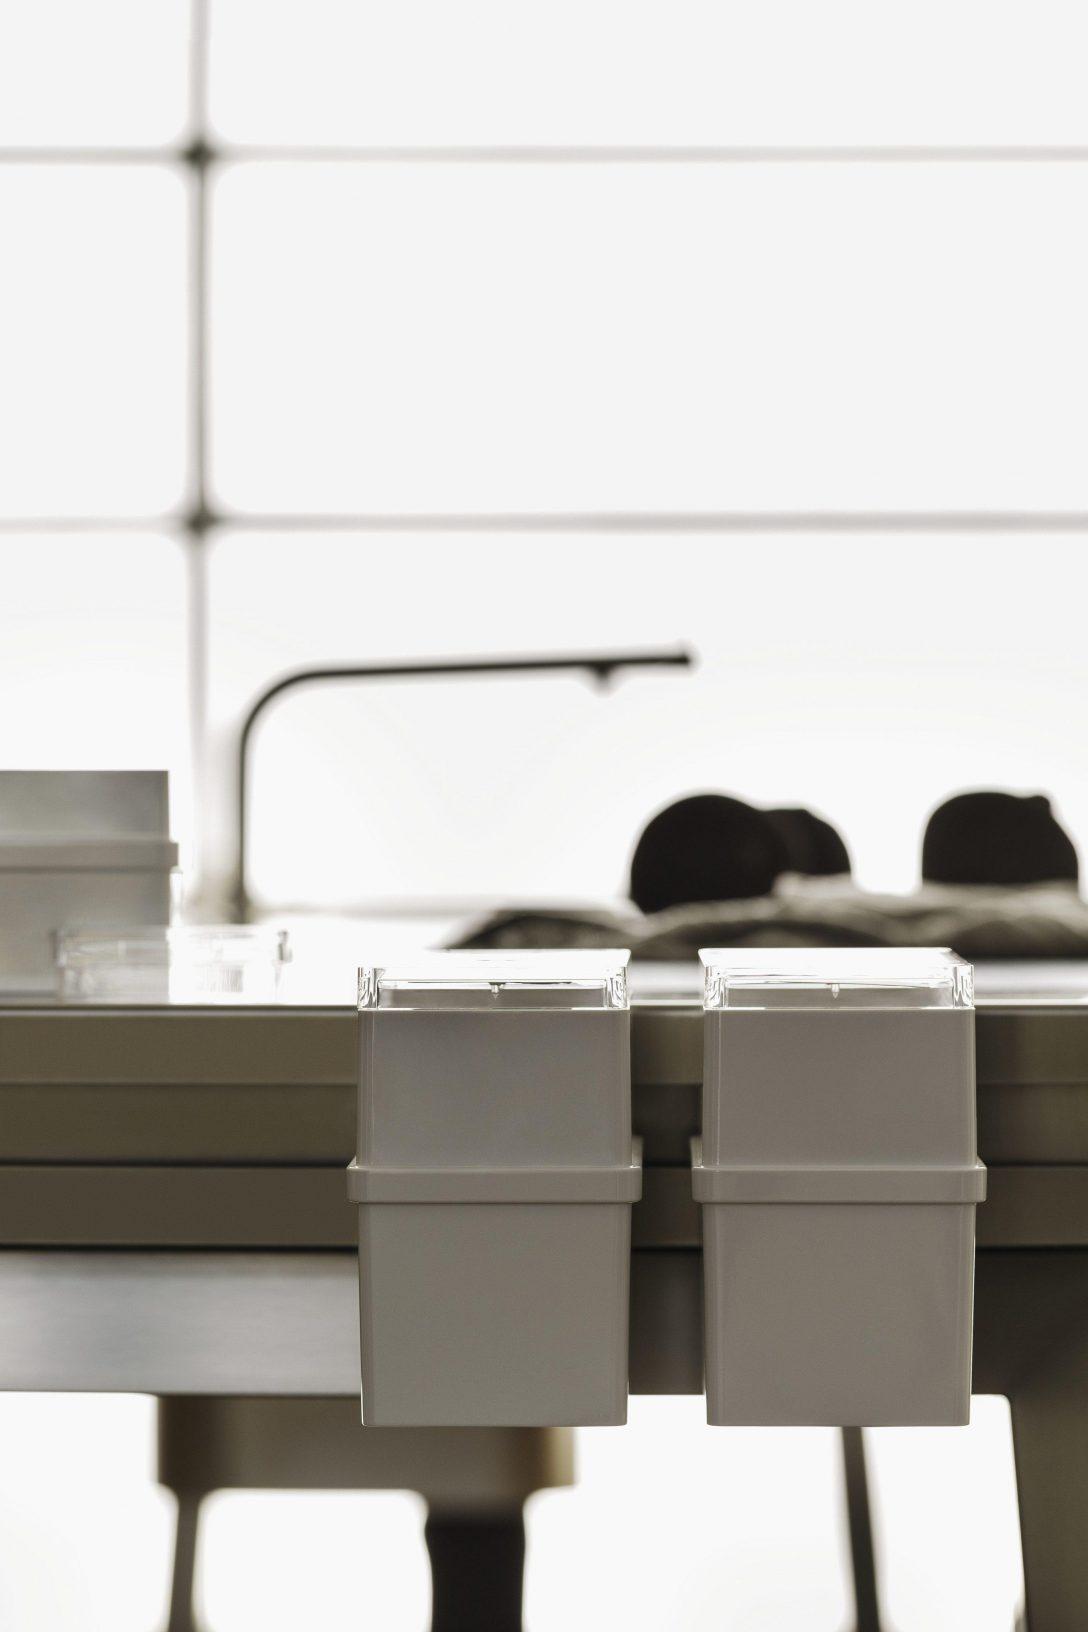 Large Size of Aufbewahrungsbehälter Küche Aufbewahrungsbehälter Küchenutensilien Aufbewahrungsbehälter Küche Keramik Aufbewahrungsbehälter Küche Glas Küche Aufbewahrungsbehälter Küche